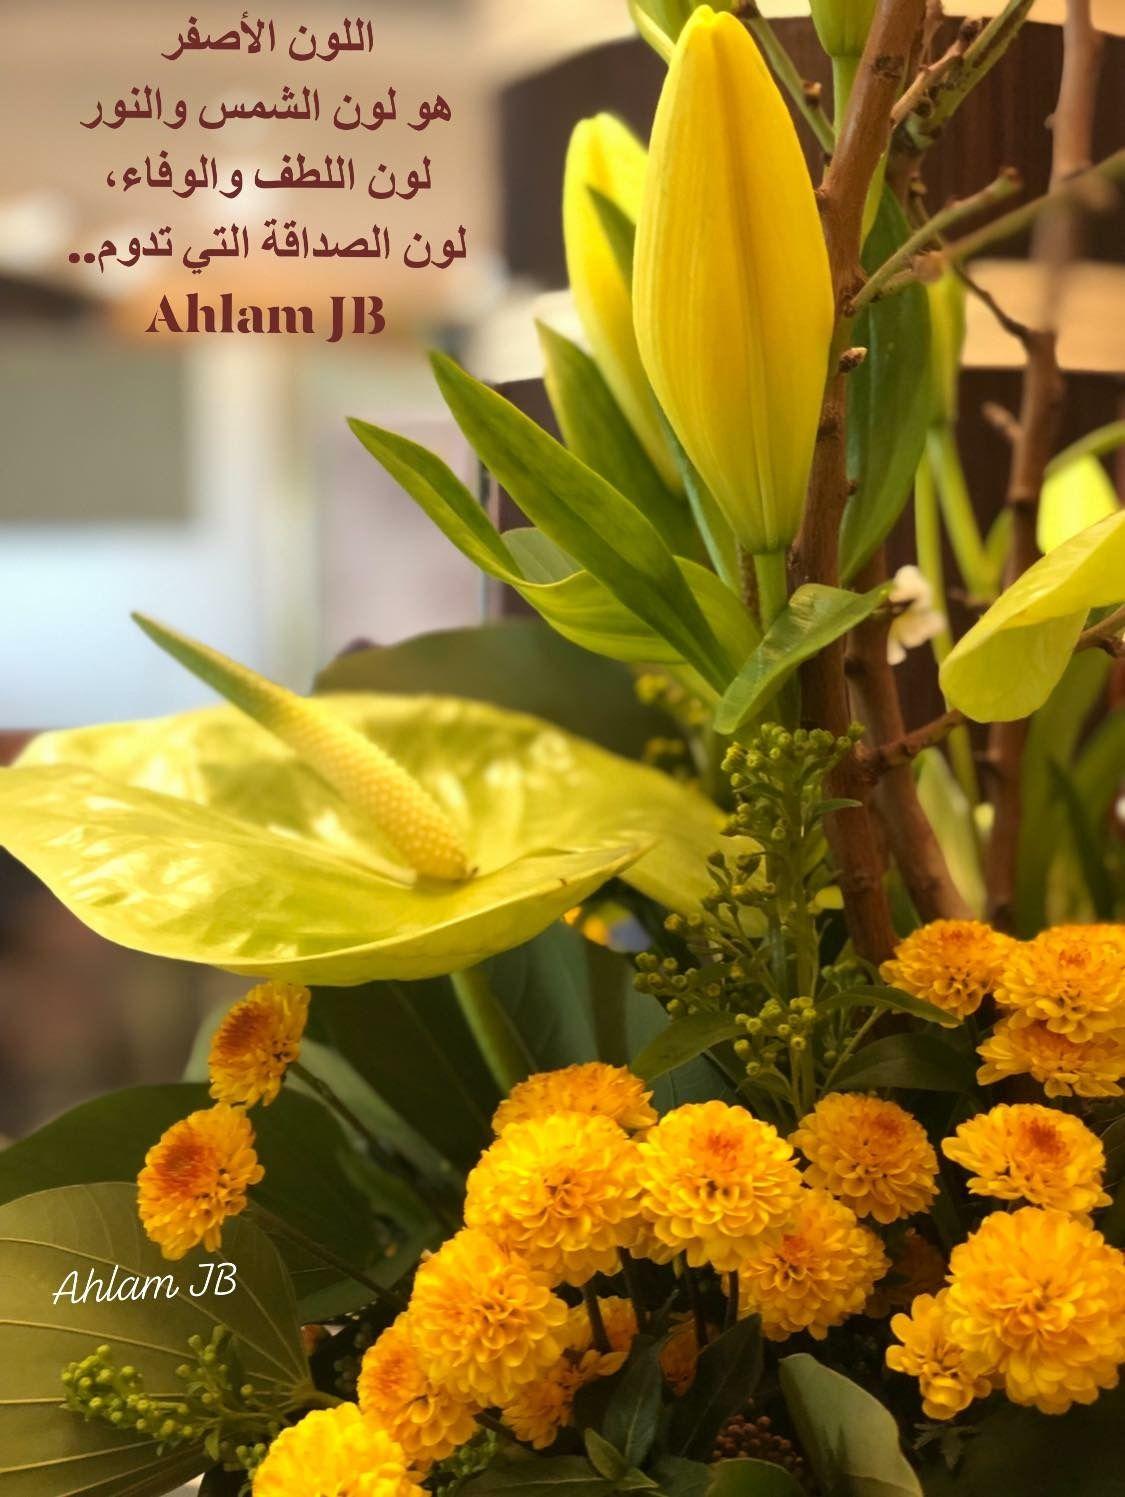 اللون الأصفر هو لون الشمس والنور لون اللطف والوفاء لون الصداقة التي تدوم Plants